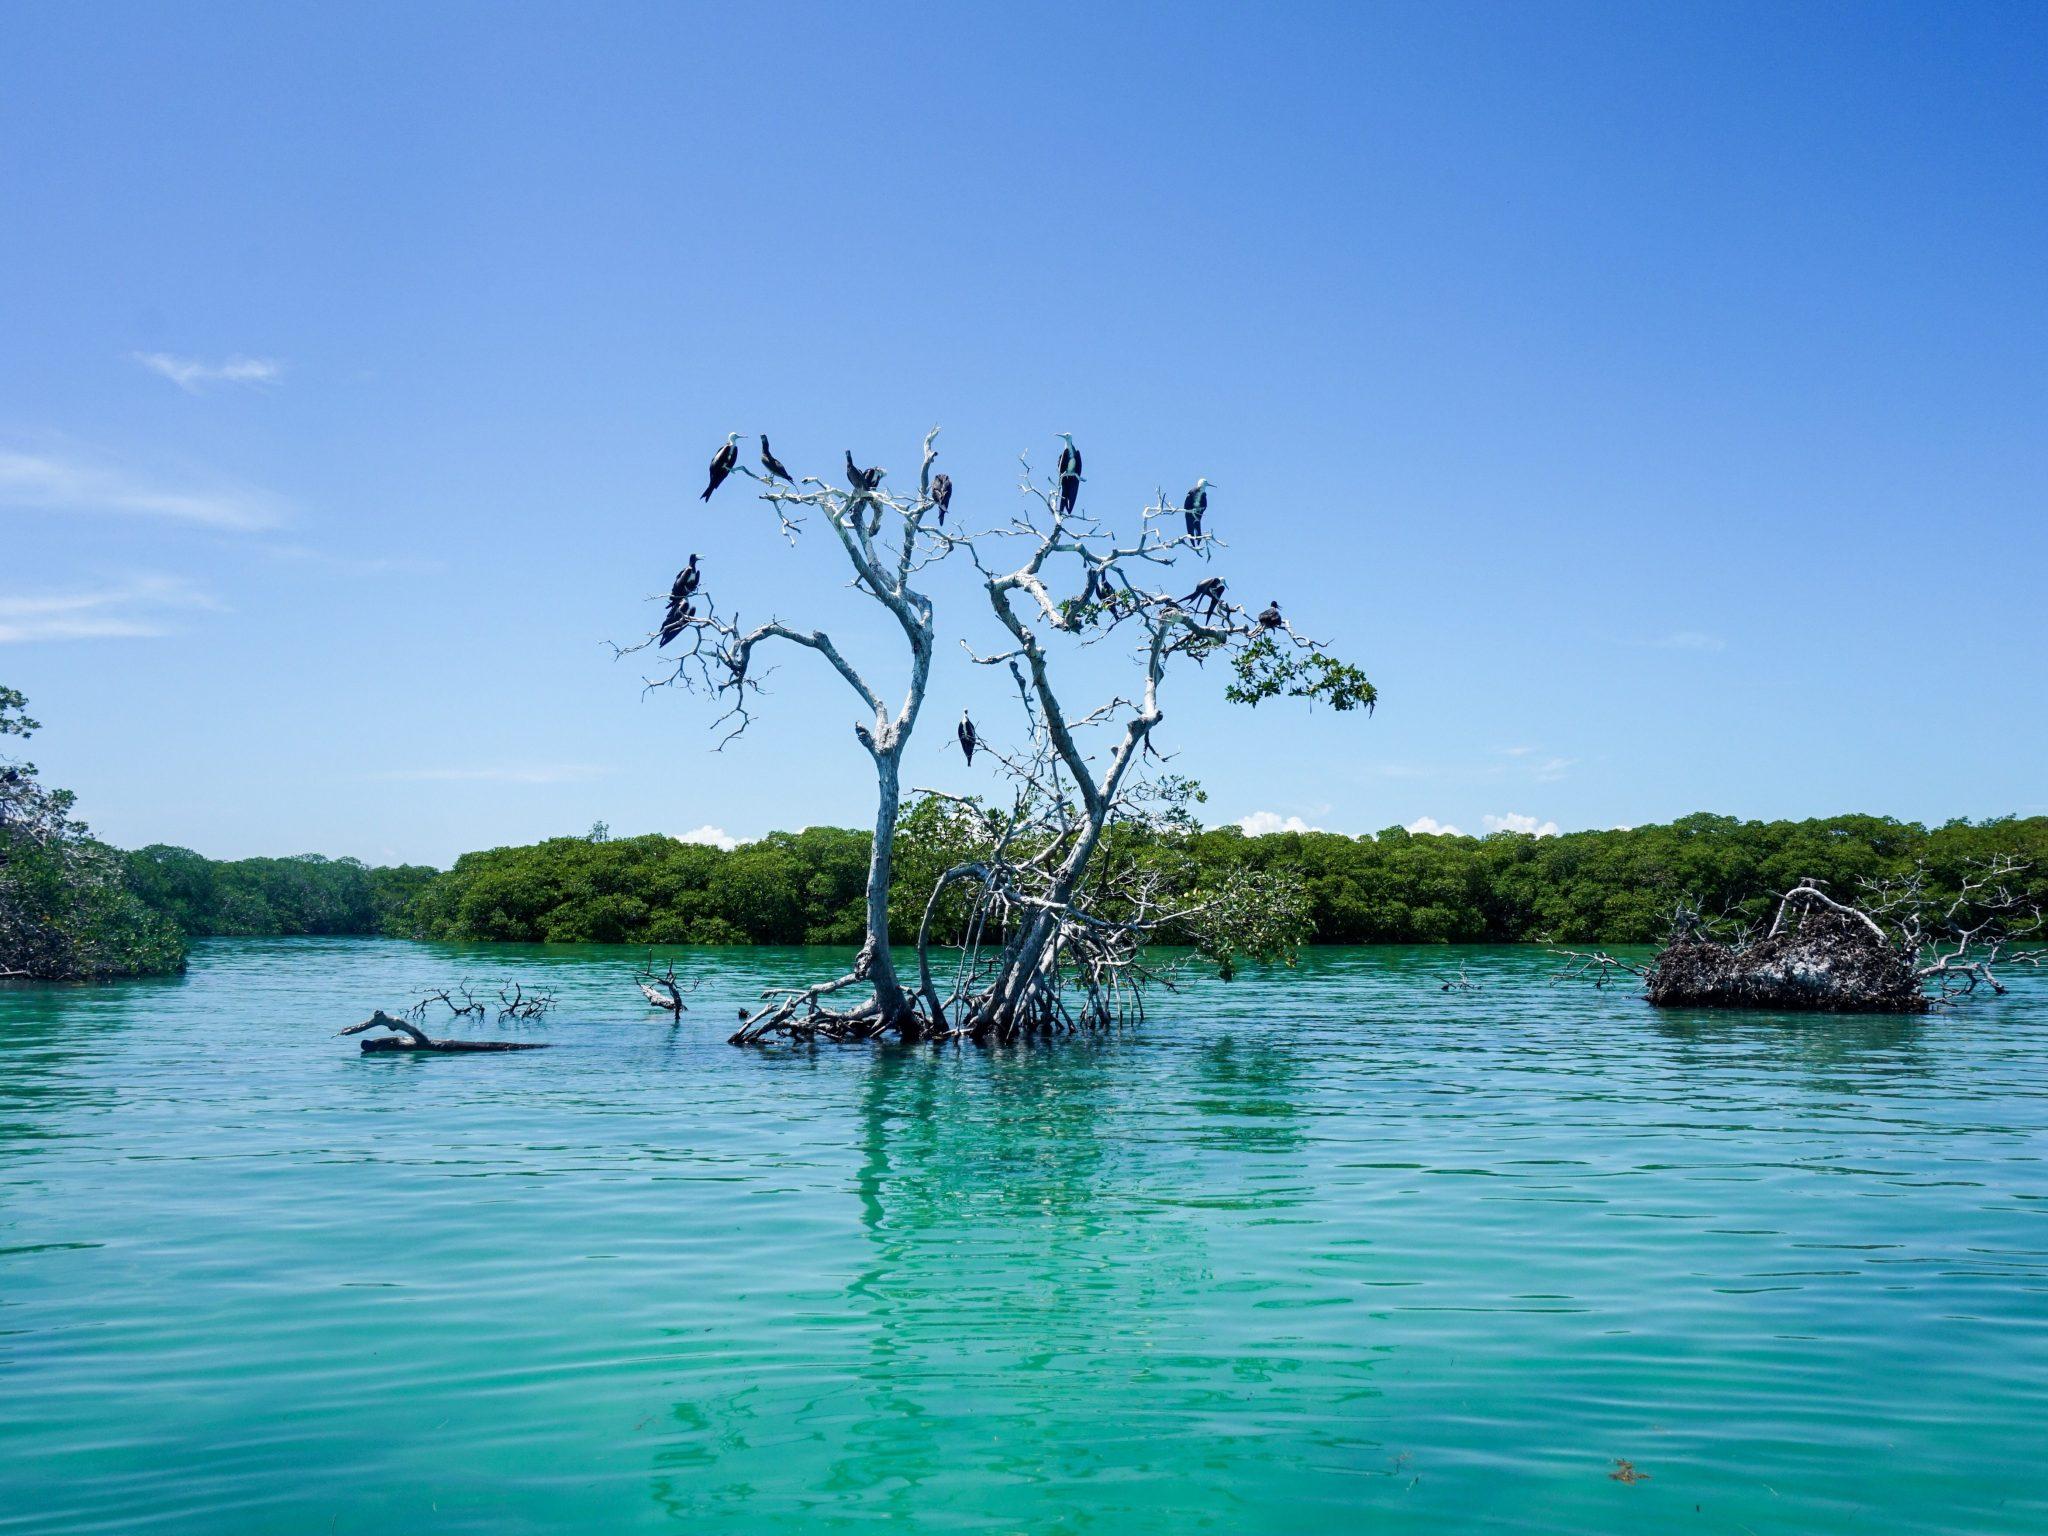 Sian Ka'an Bird Island